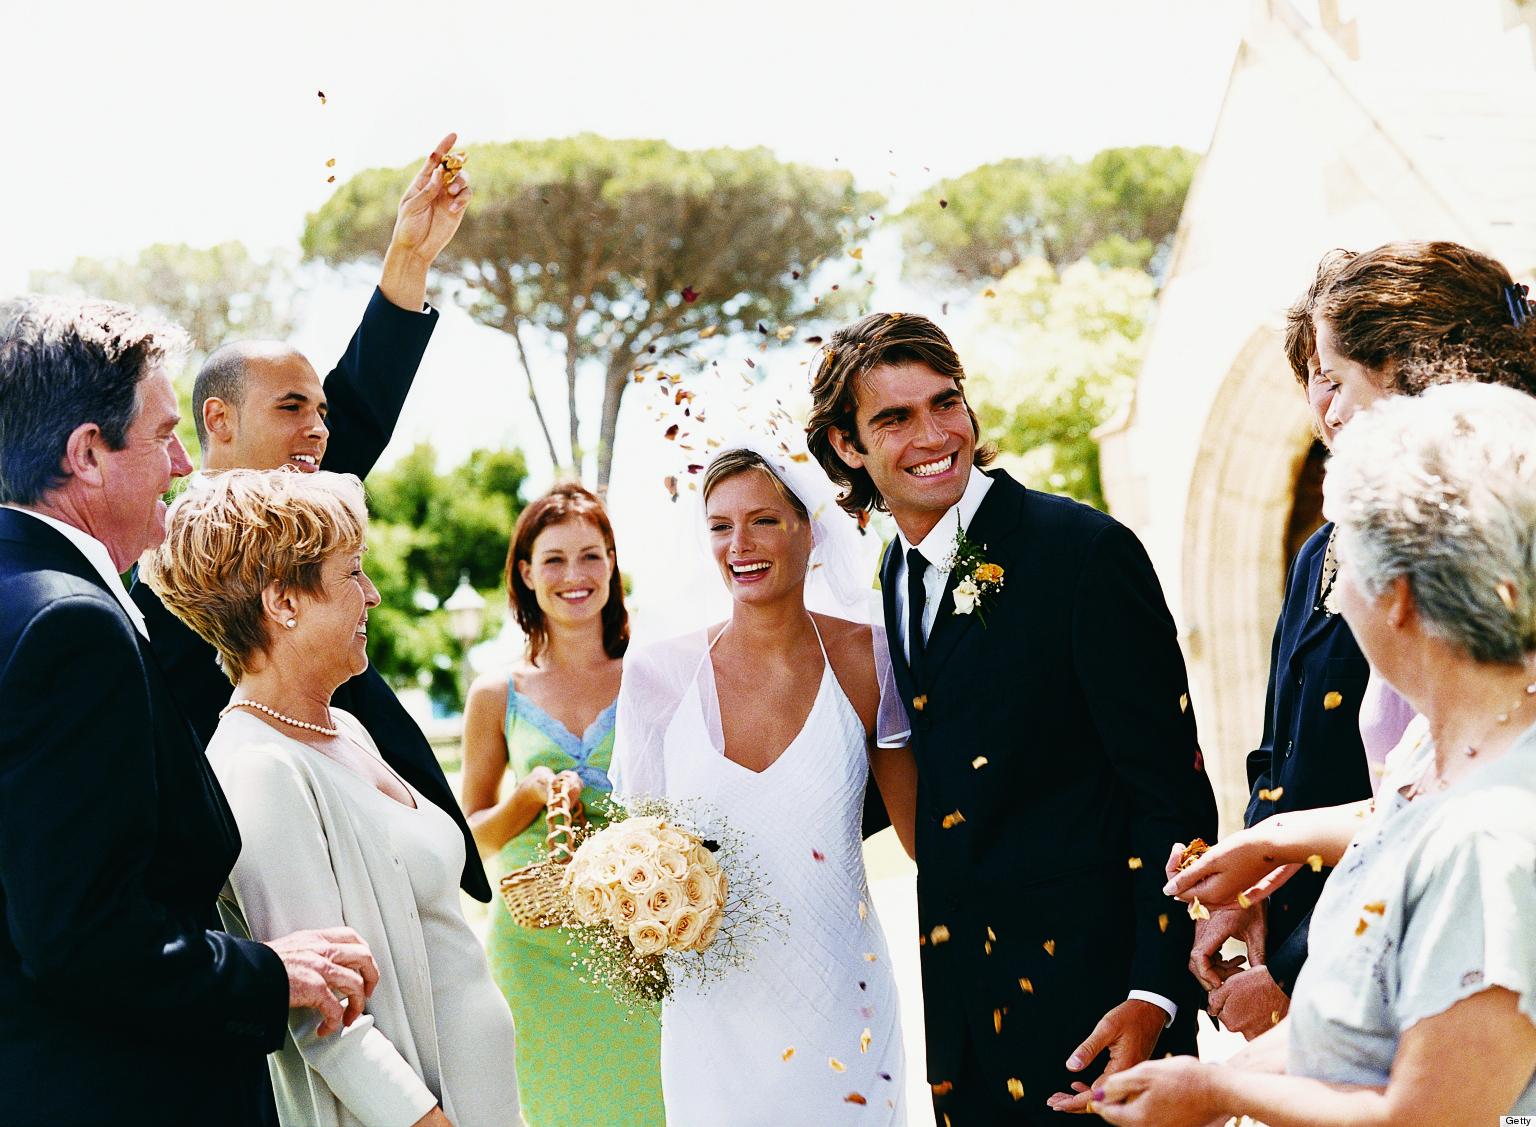 Detalles de boda originales para regalar a los invitados